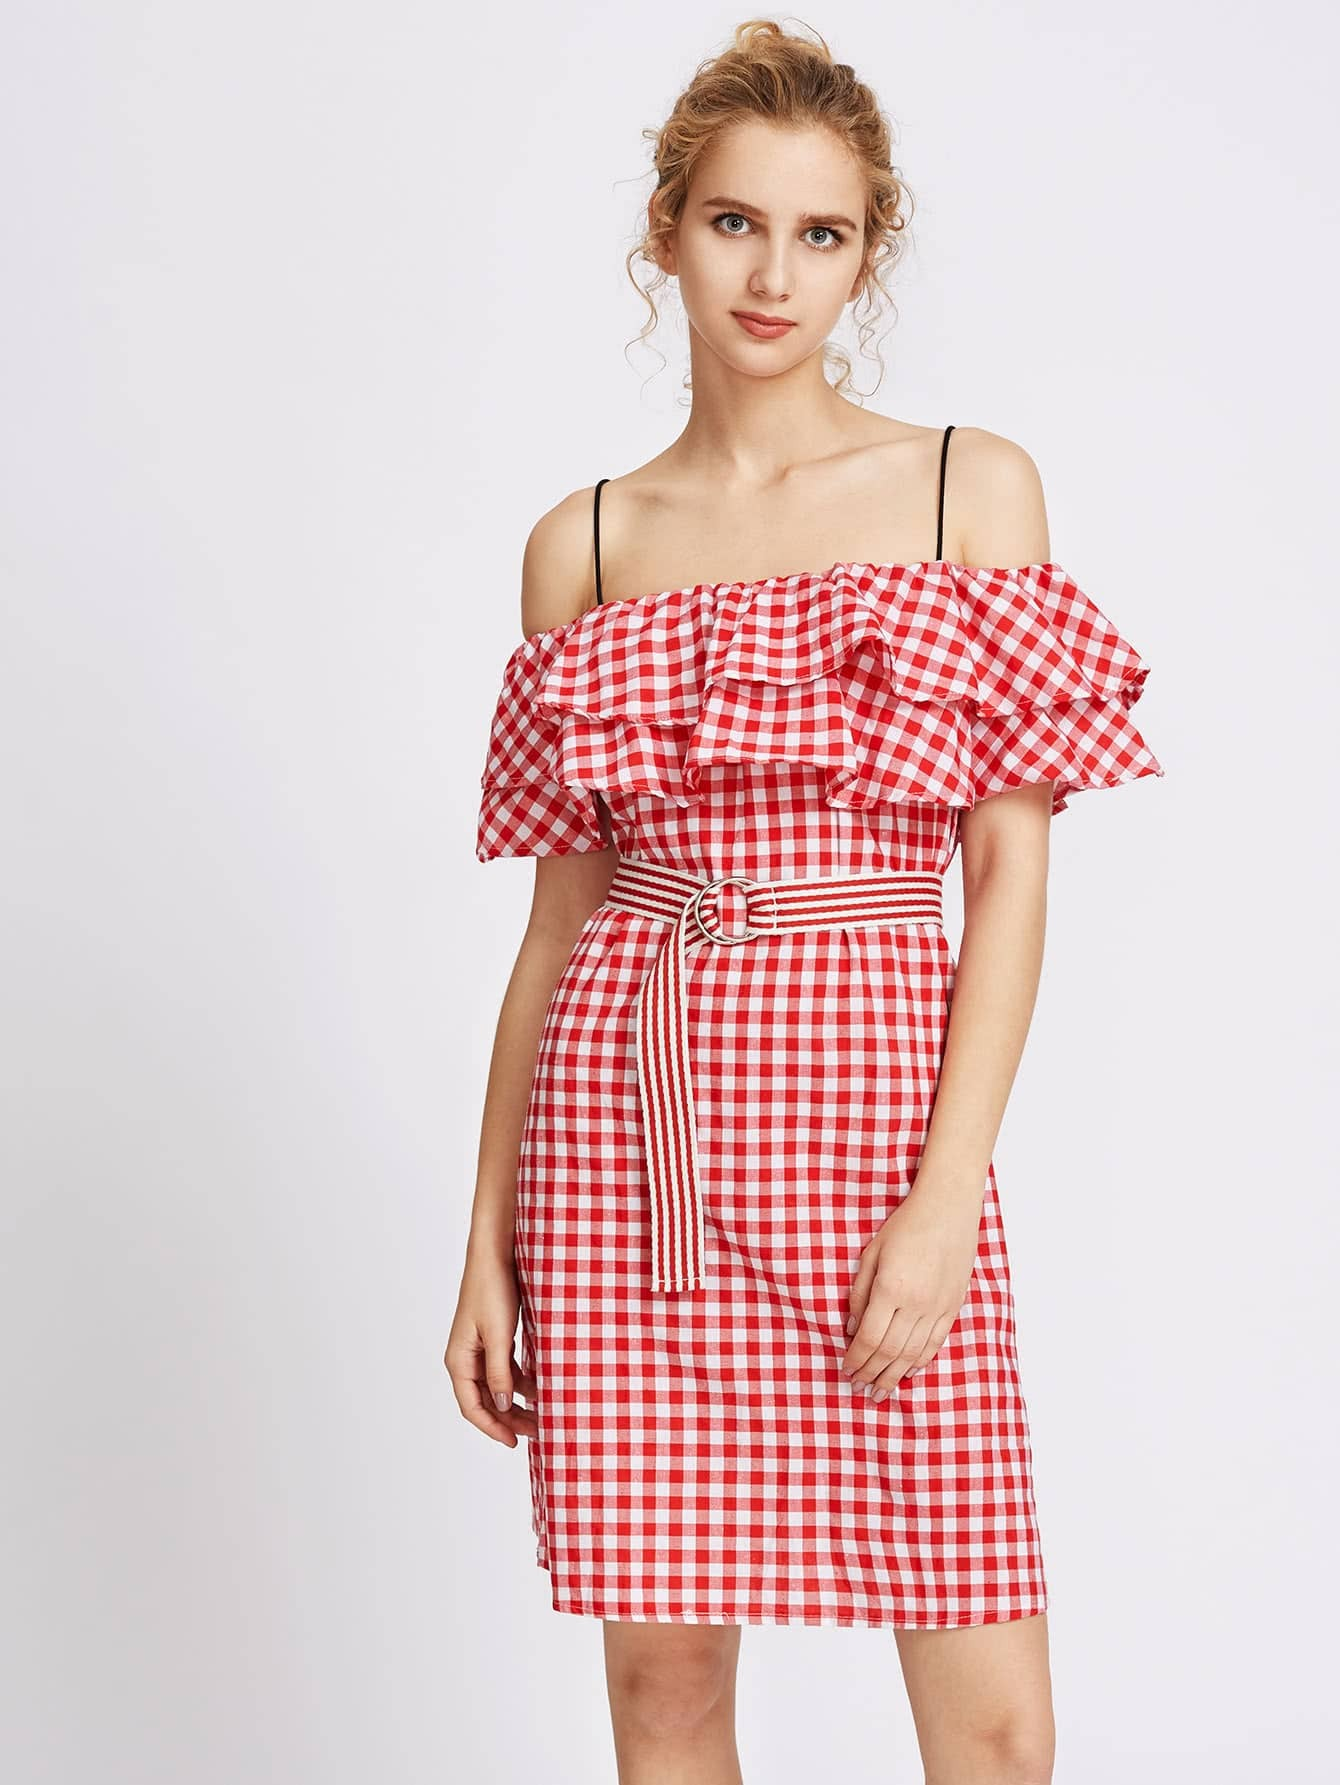 dress170526101_2